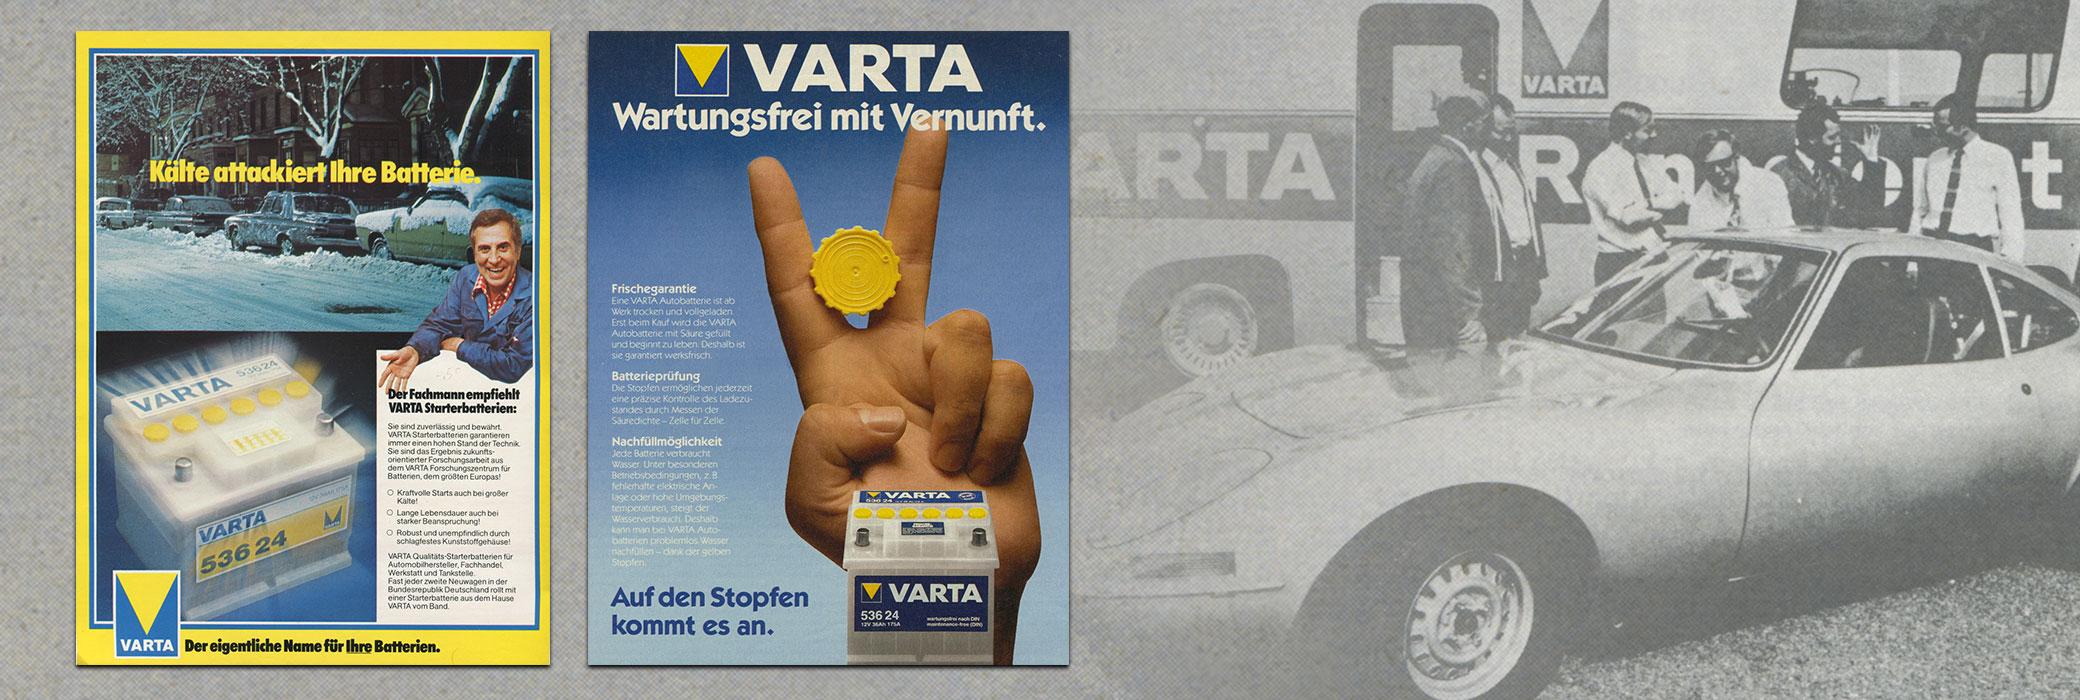 Tweekleurige VARTA® posters uit de jaren tachtig aan de linkerkant en een auto in zwart-wit aan de rechterkant